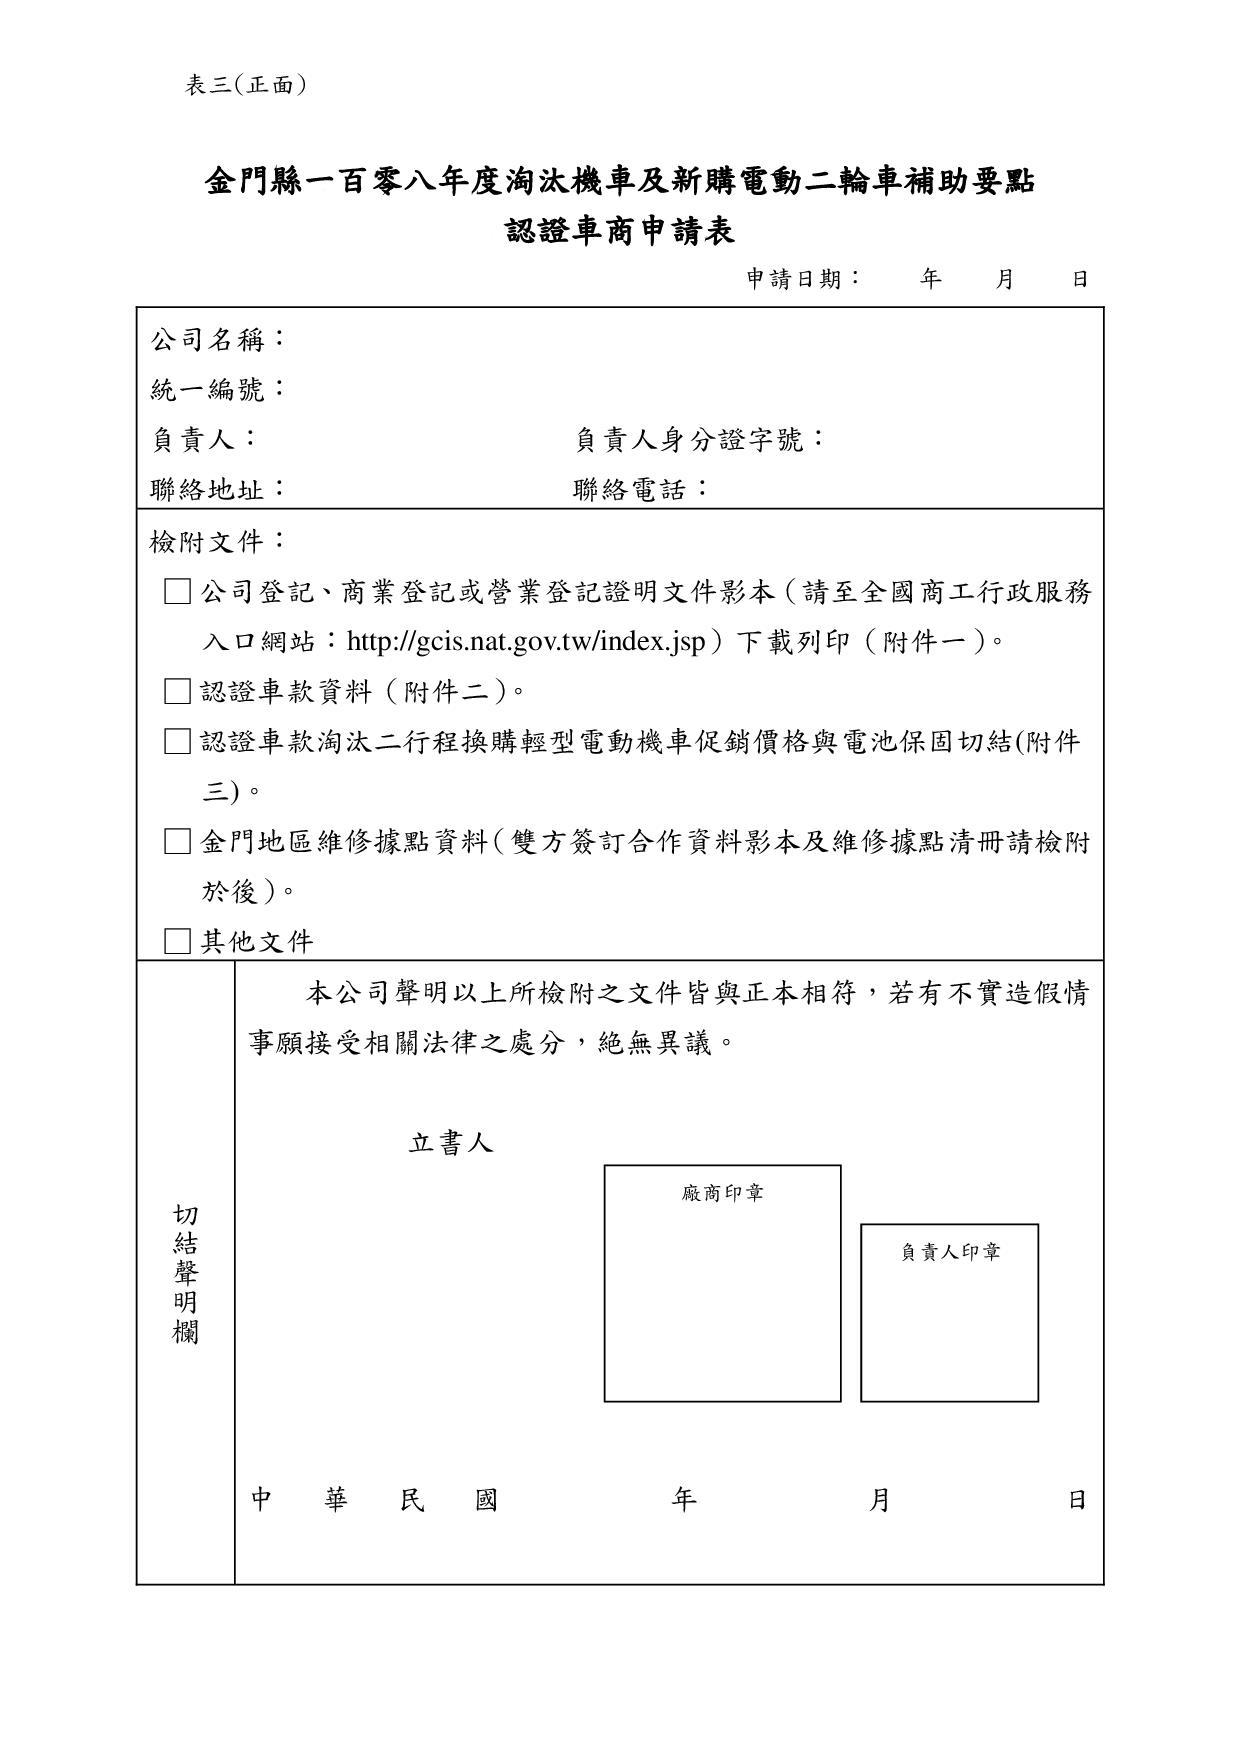 1080429-認證廠商申請表(附表三)